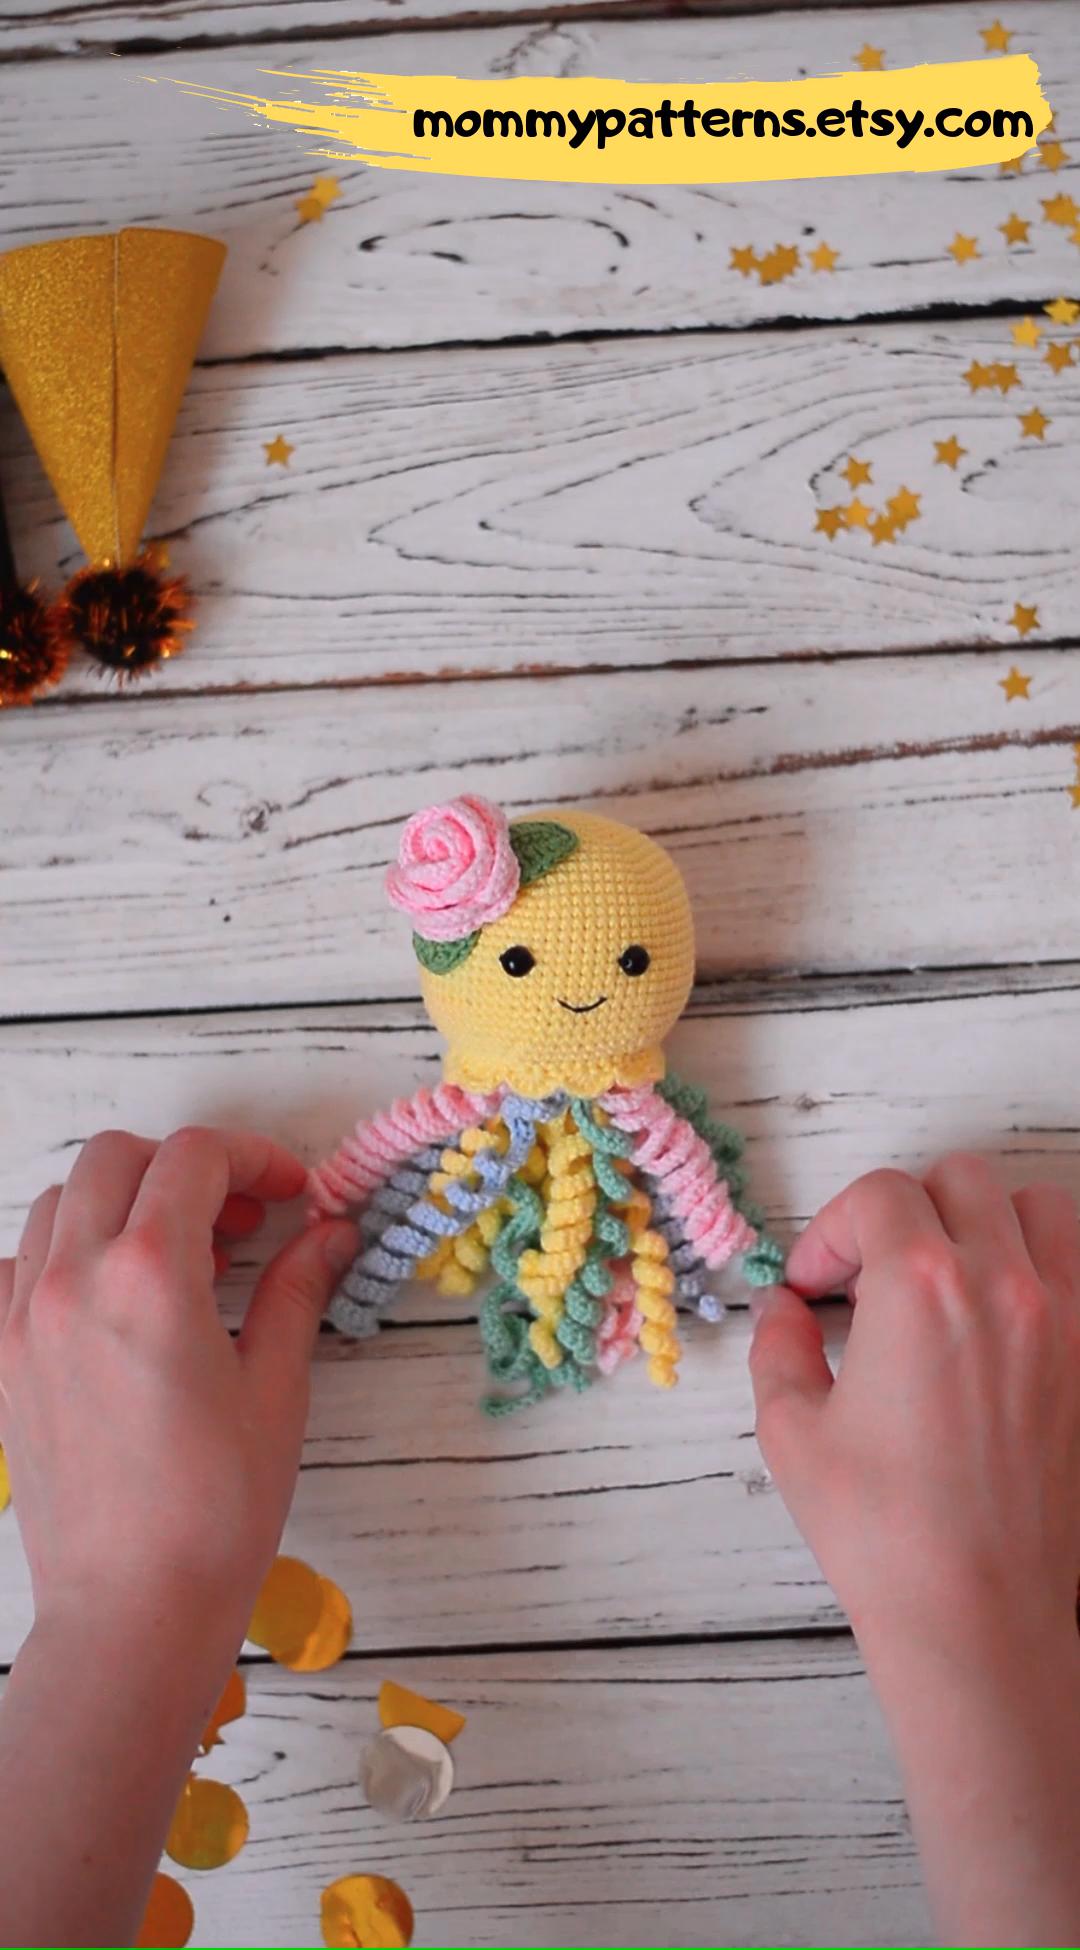 CROCHET PATTERN Octopus / Crochet pattern Baby Octopus / Amigurumi pattern / Amigurumi animals / Crochet pattern toy